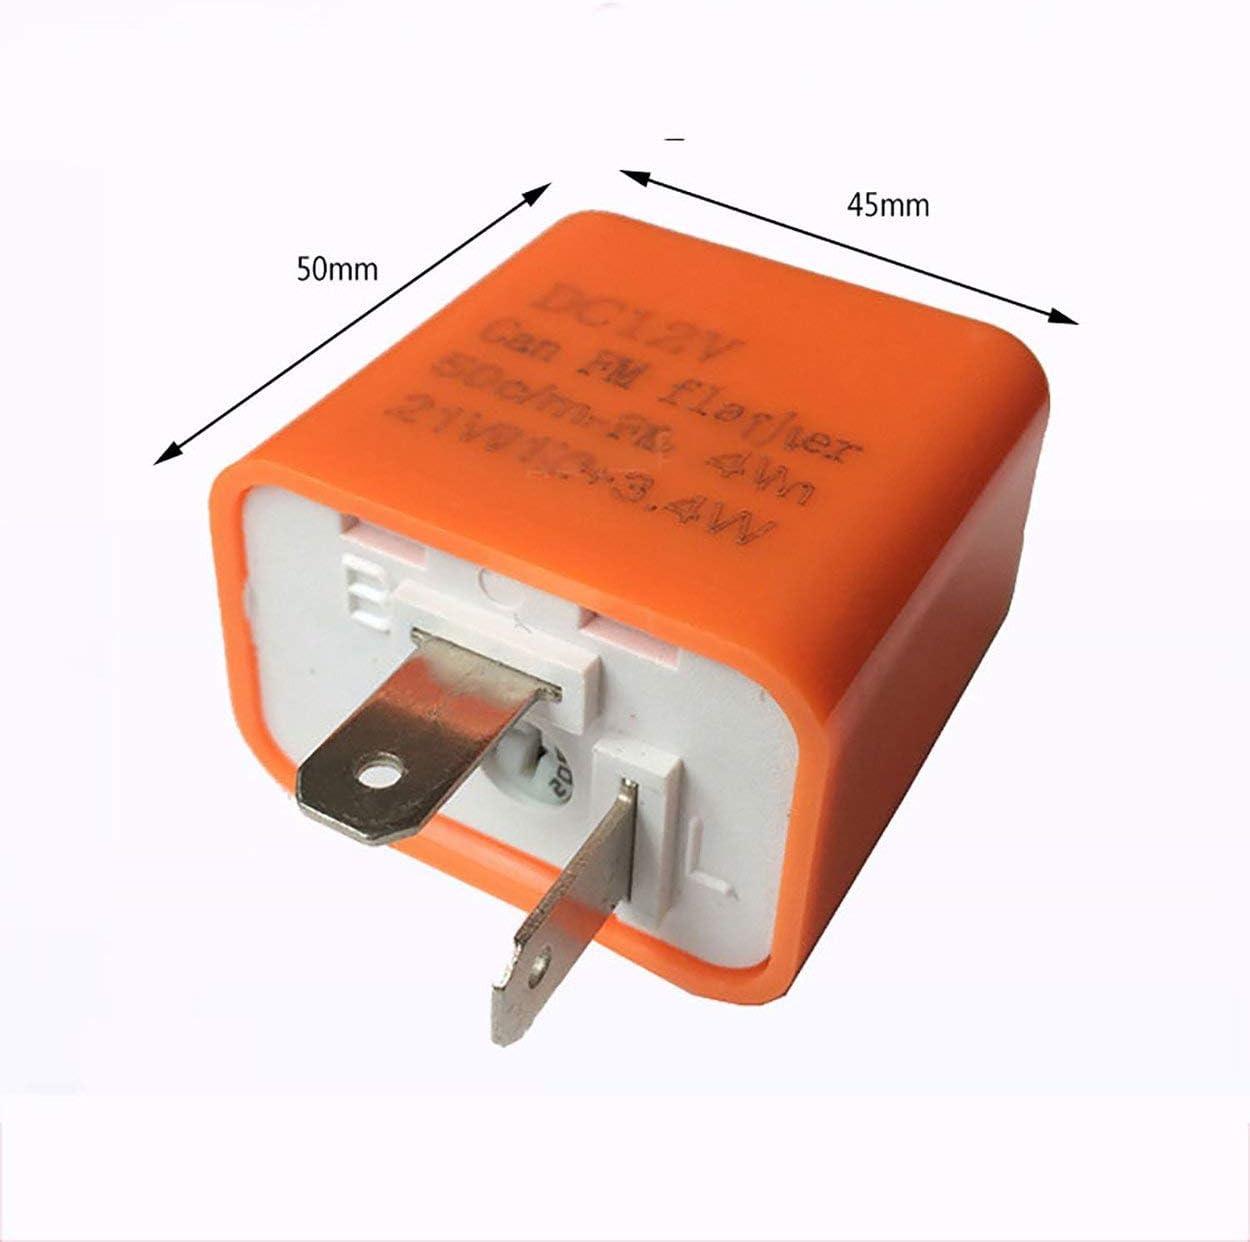 Tree-on-Life Multifonctionnel 2 Vitesse Indicateur R/églable LED Indicateur /Étanche Clignotant R/ésistance Fix Flash pour Moto 12V